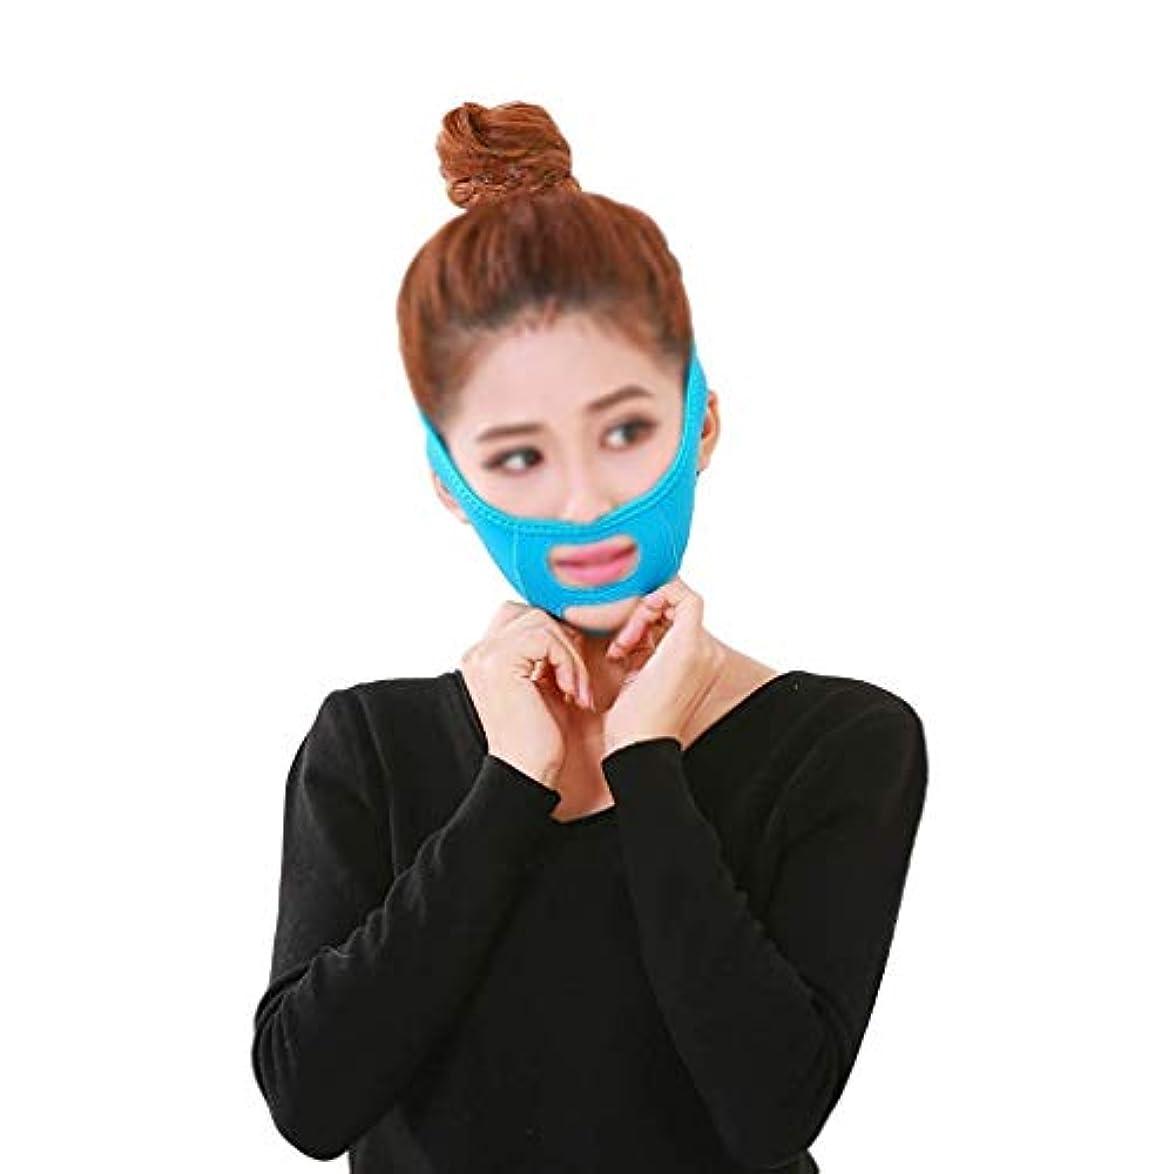 構造市民誤解させるフェイスリフトフェイシャル、肌のリラクゼーションを防ぐためのタイトなVフェイスマスクVフェイスアーティファクトフェイスリフトバンデージフェイスケア(色:青)